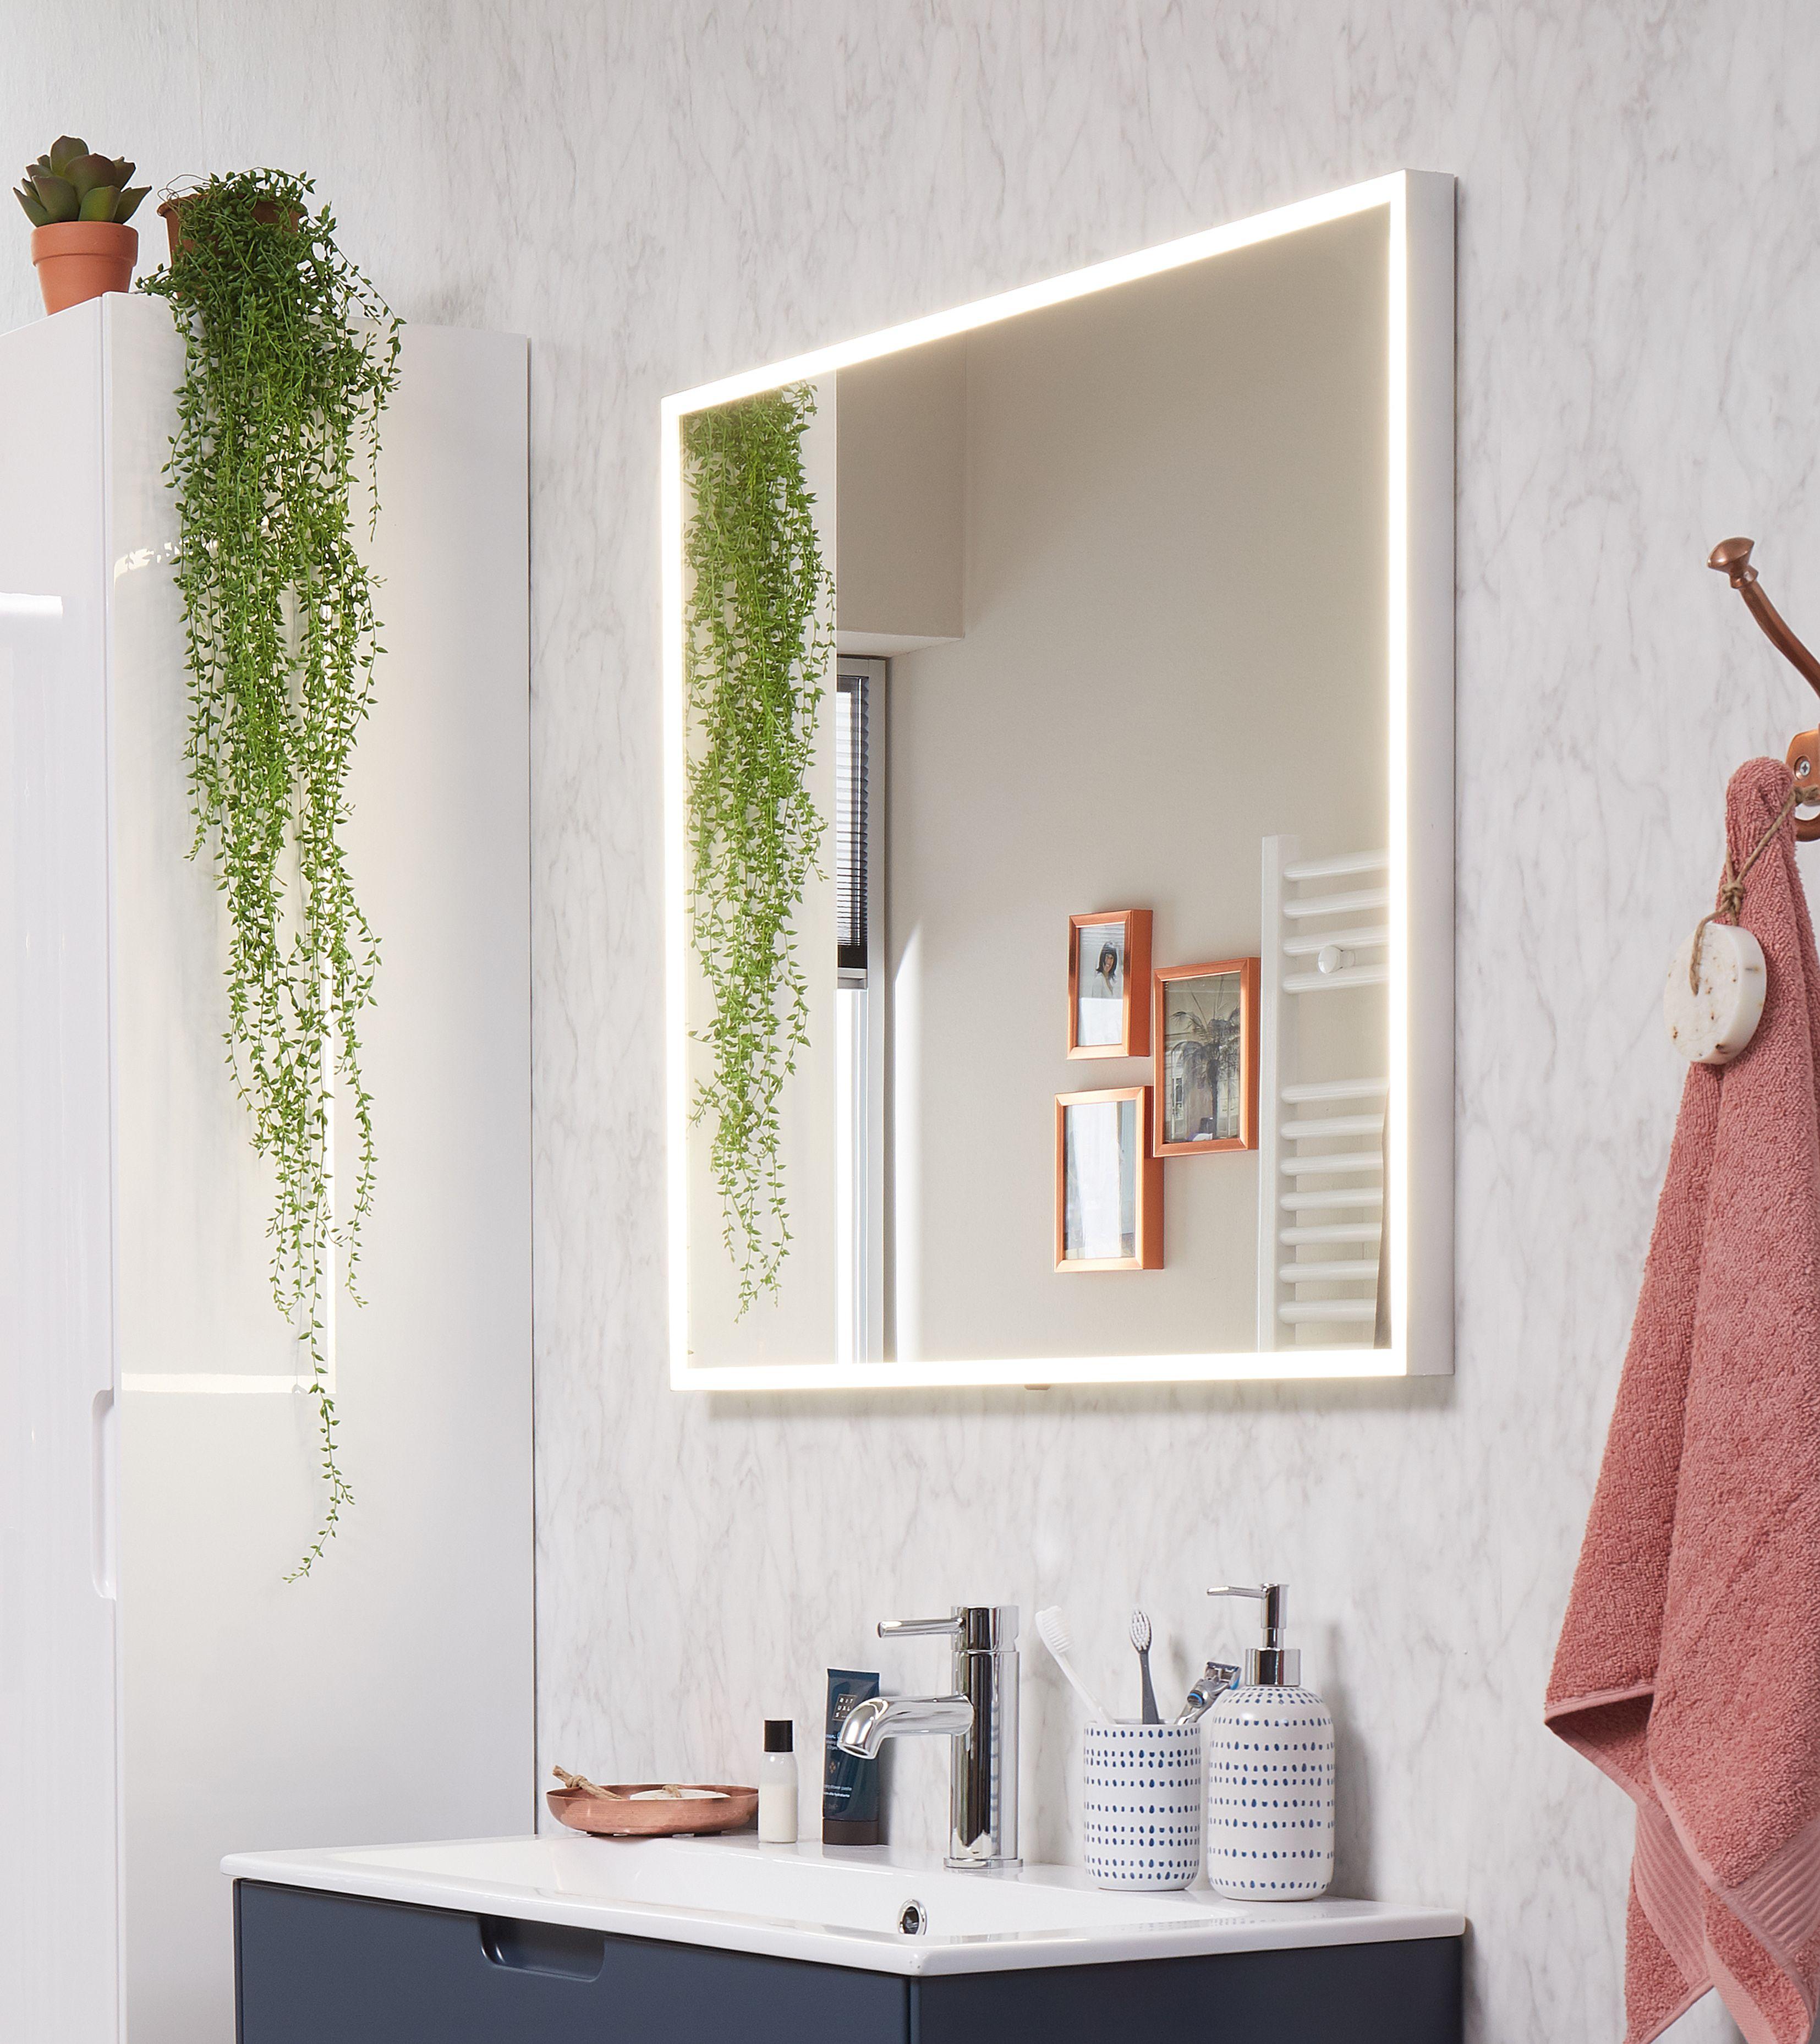 ook nieuw in ons assortiment zijn deze spiegels met rondom led